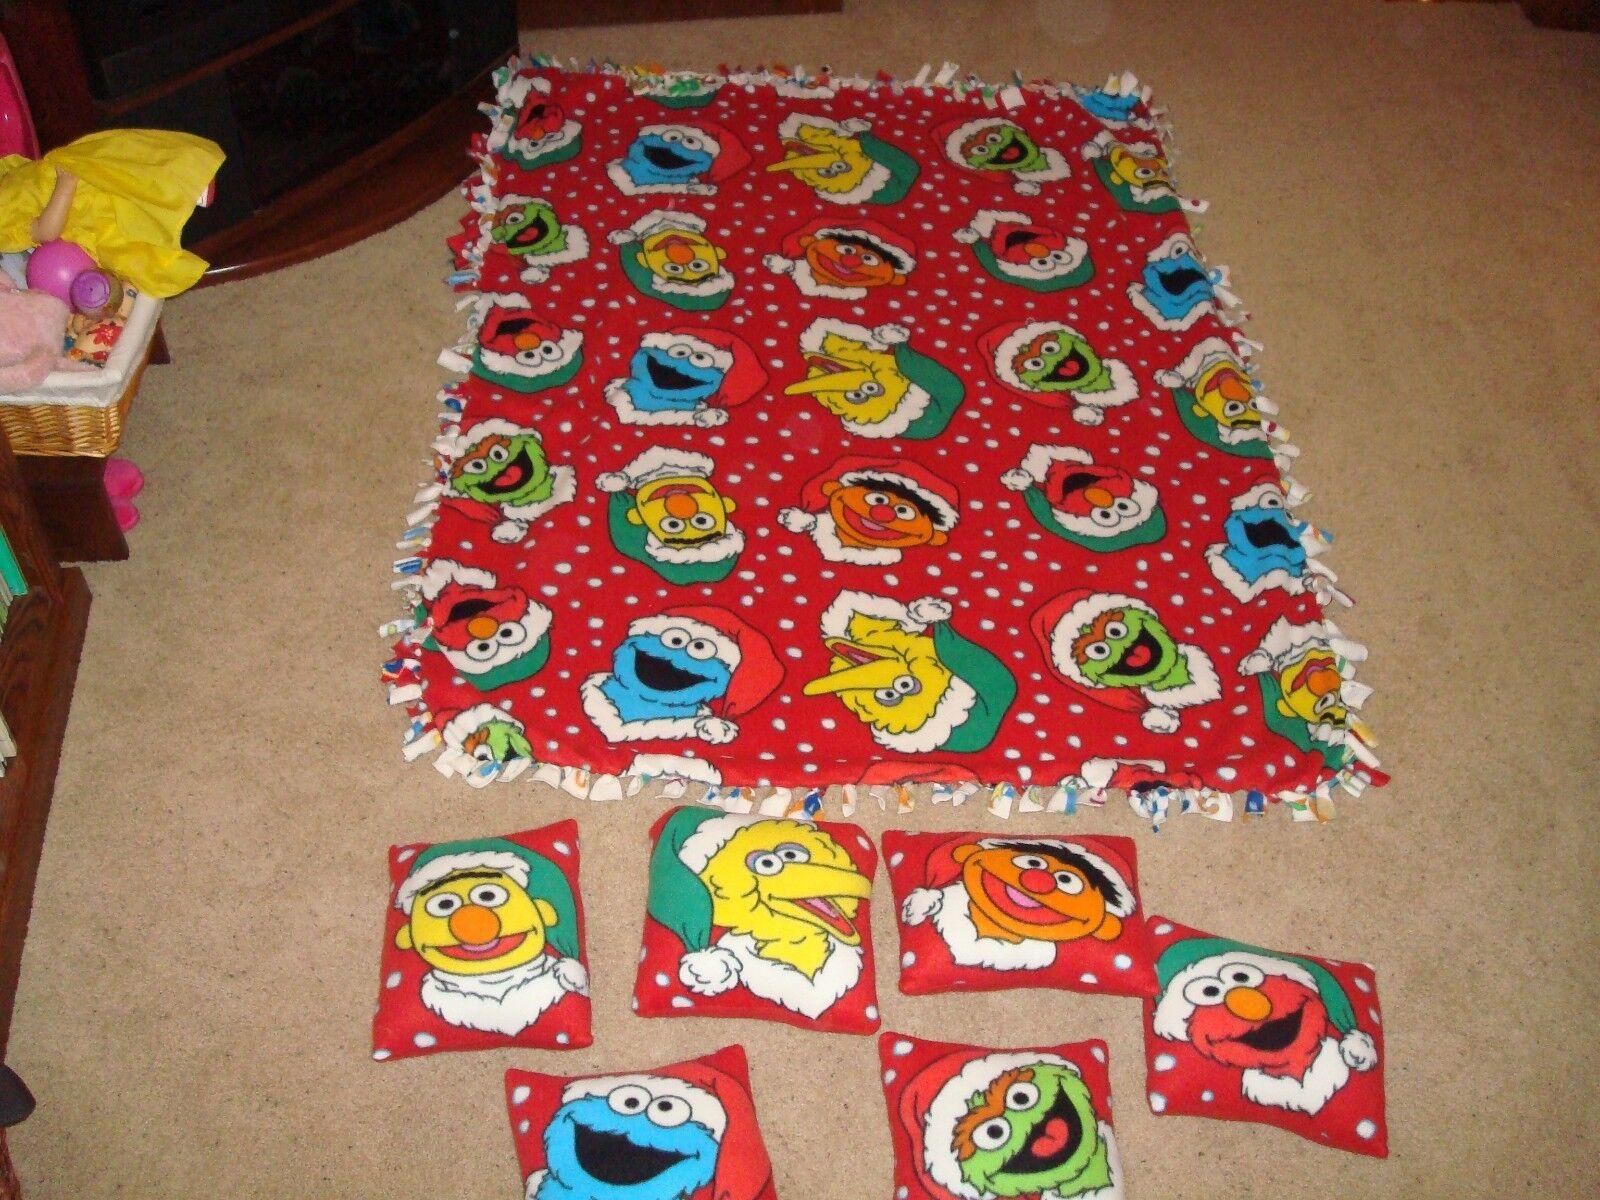 Mano raro conjunto de almohadas Sesame Street Polar Made y Manta Ernie Bert OsCoche Wow